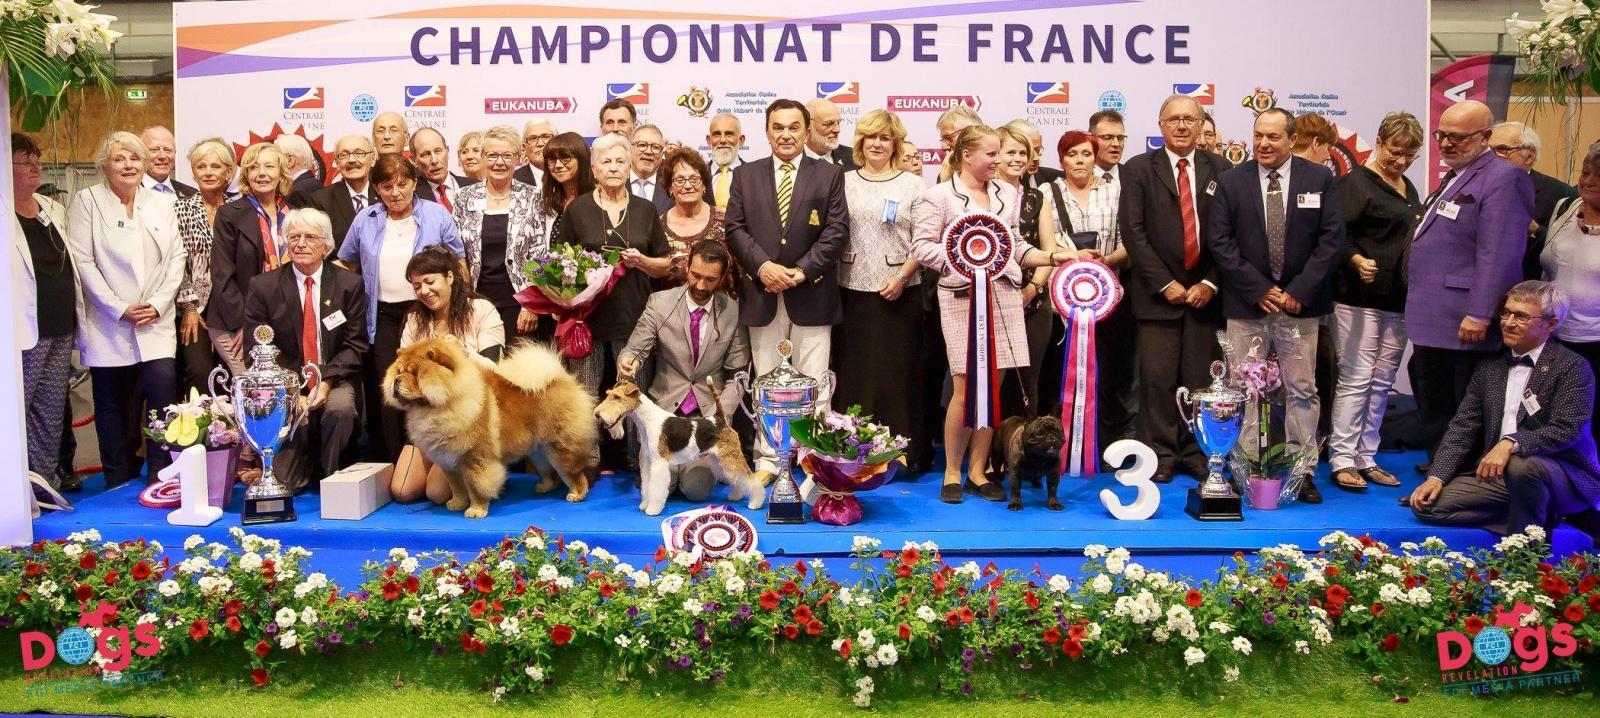 championnat france chien races 2017